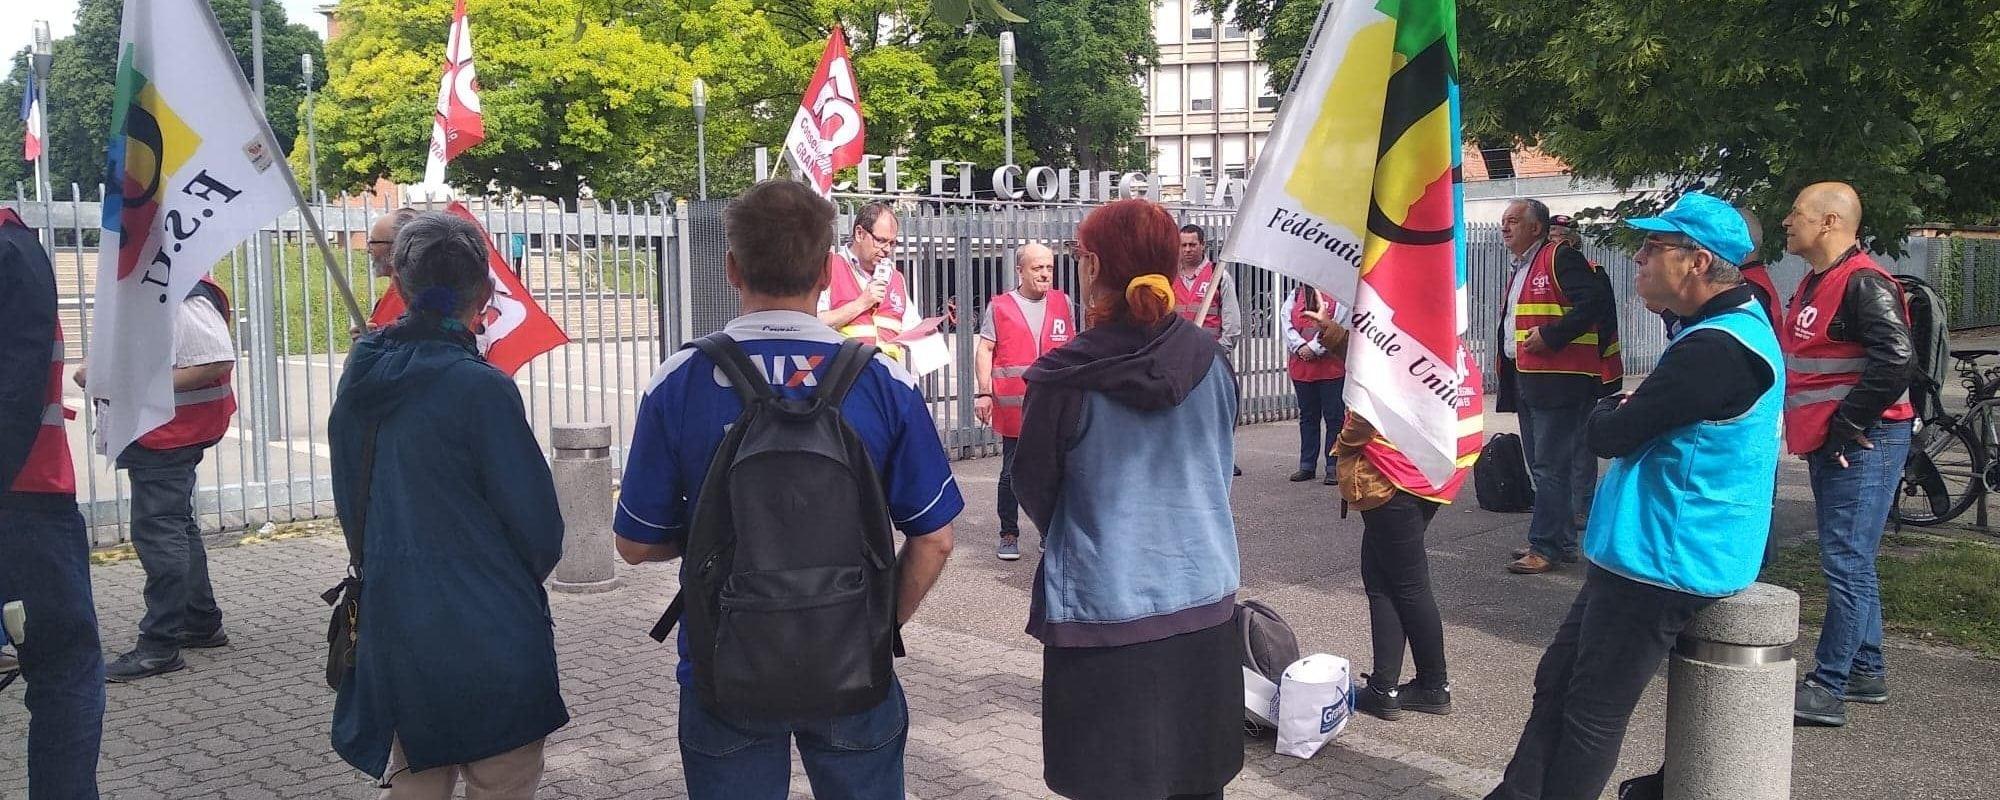 Les syndicats des agents de la Région Grand Est dénoncent une «méthode pour supprimer des postes » dans les lycées